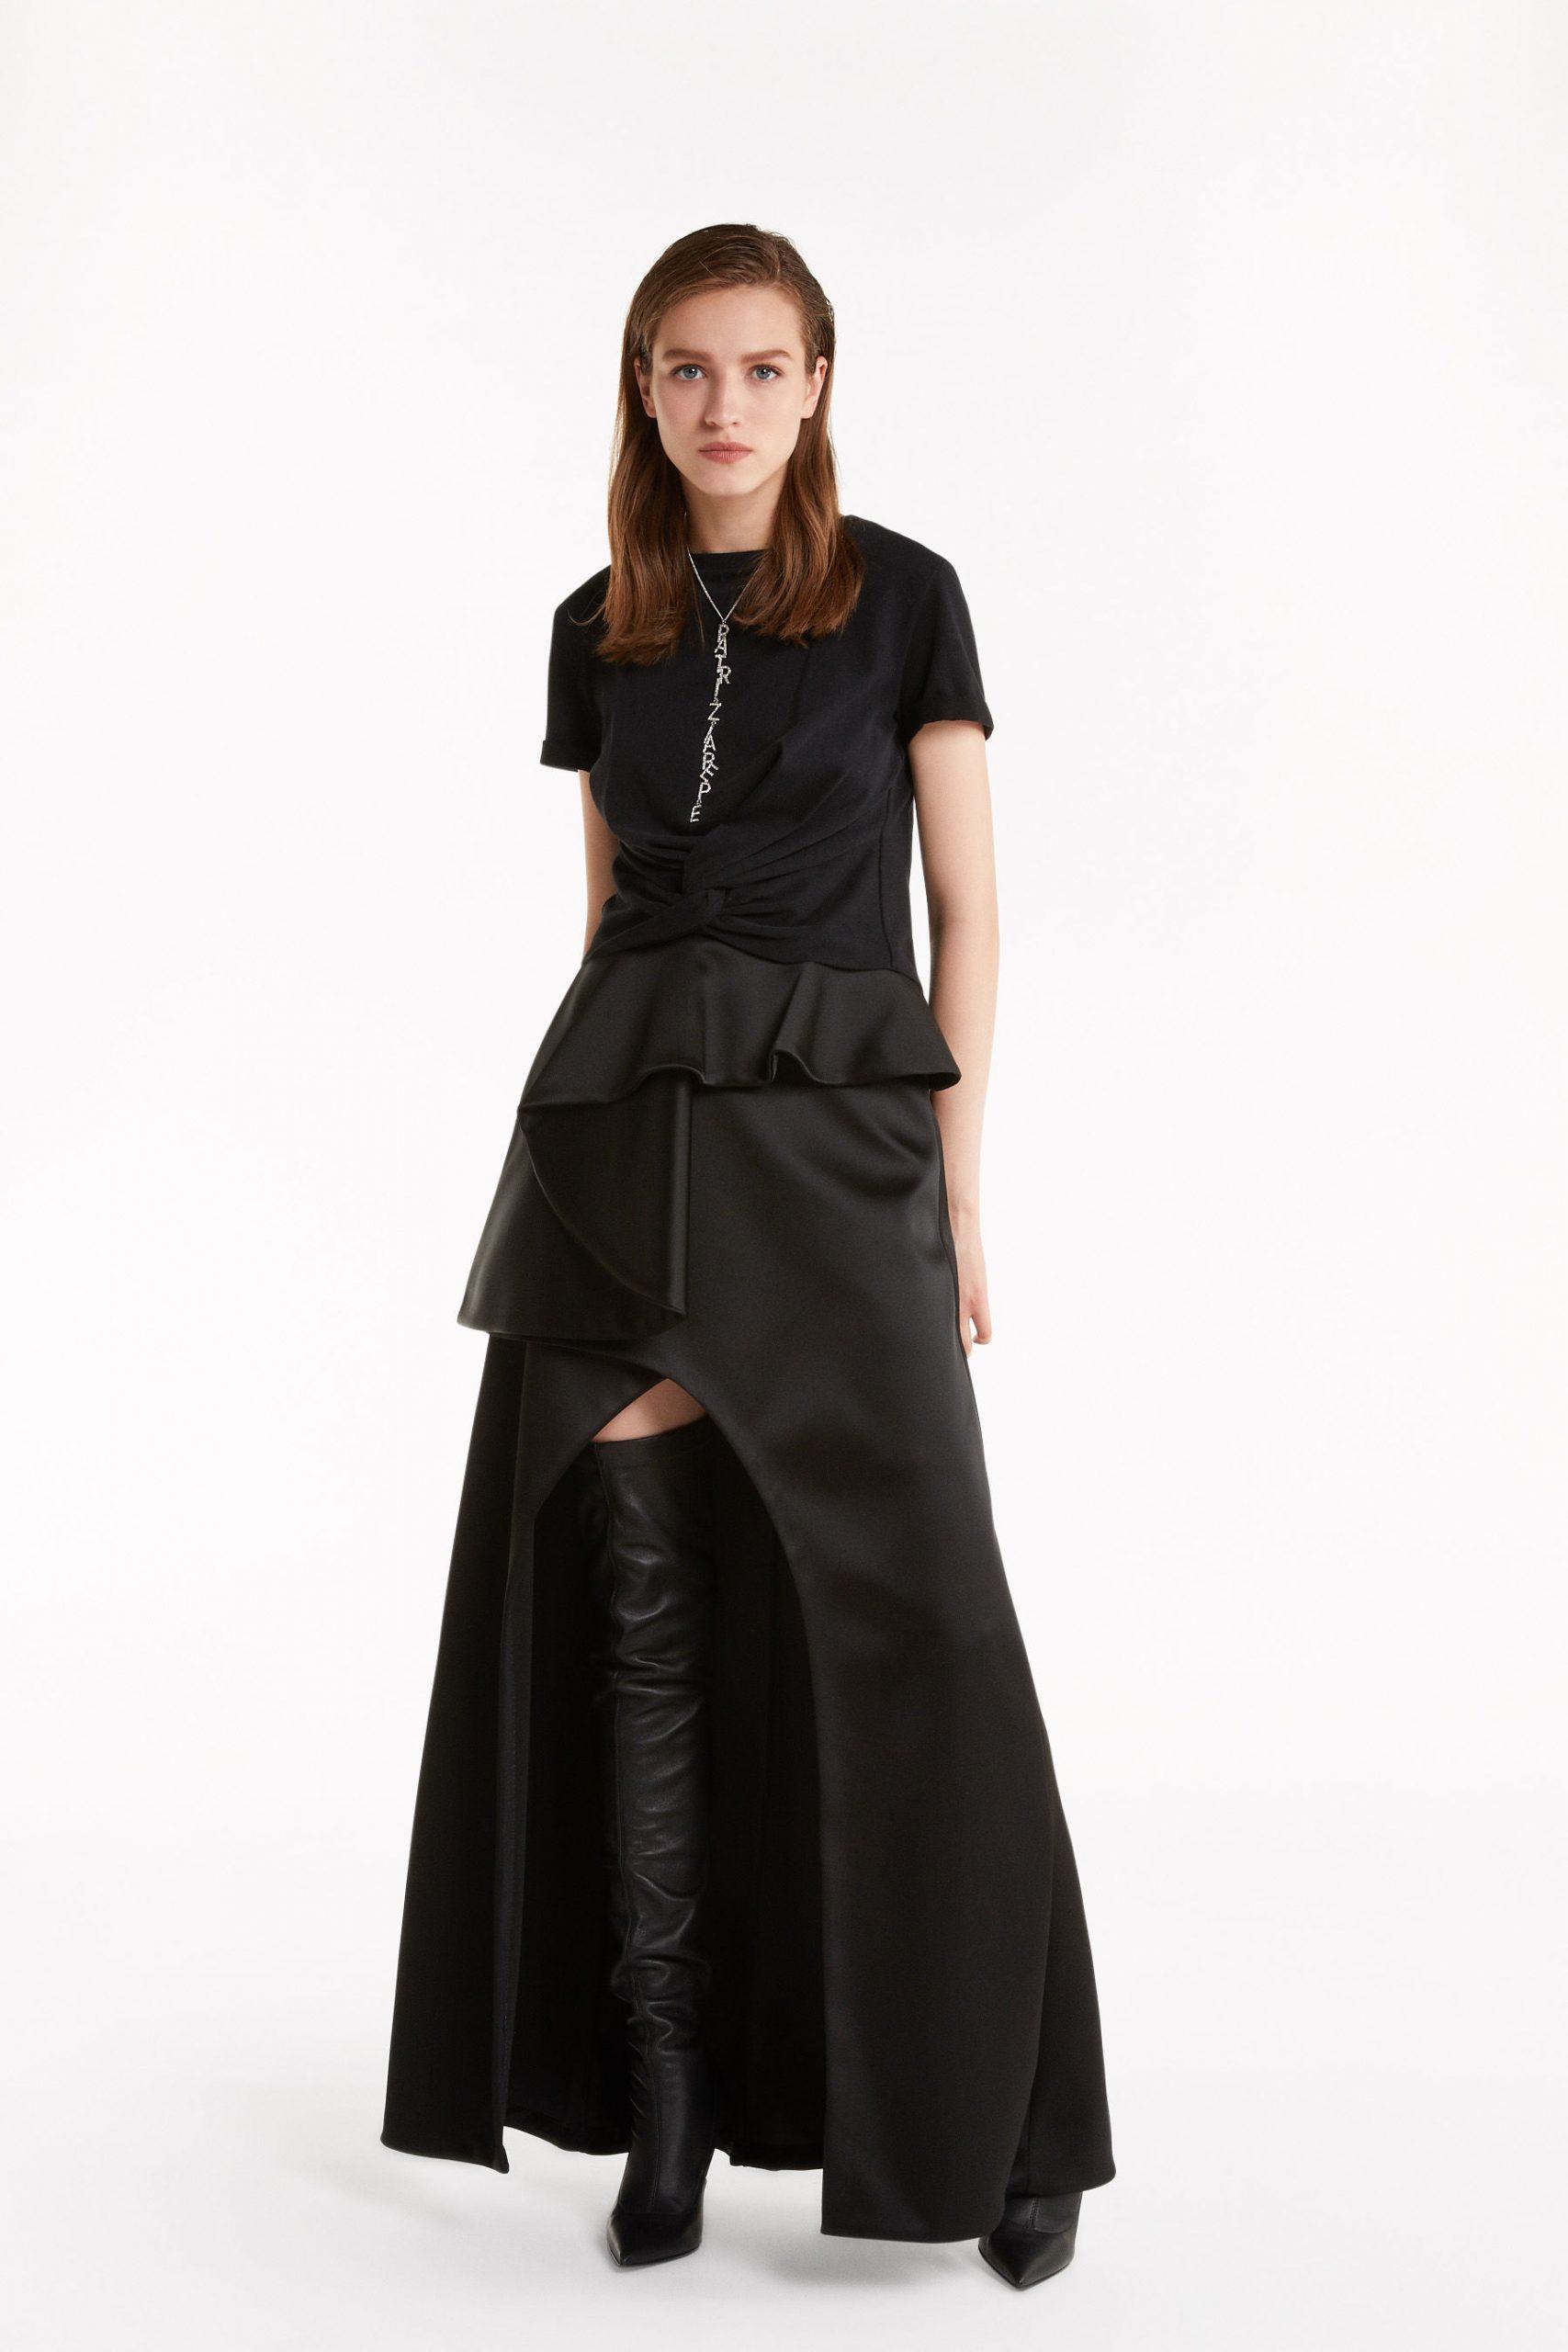 Abbigliamento Patrizia Pepe  Gonna Couture Black female collezione 2020 shop the look